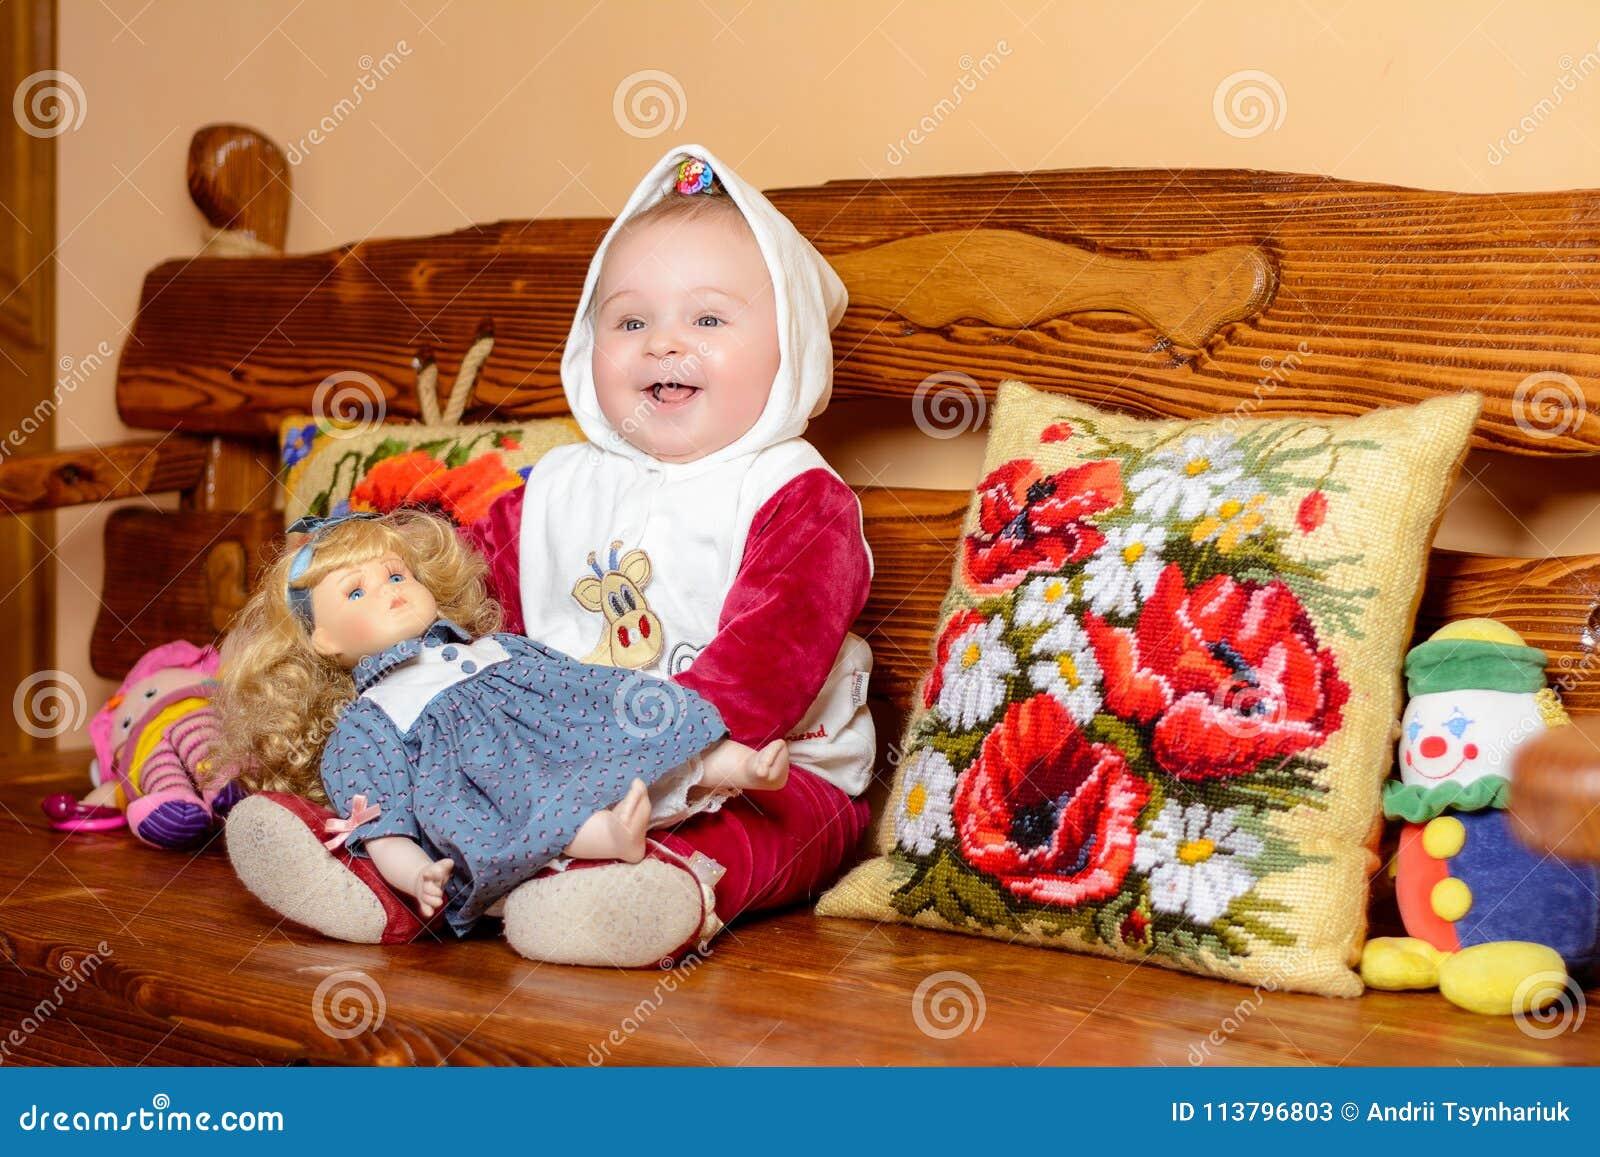 Un piccolo bambino in uno scialle che si siede su un sofà con i cuscini ricamati